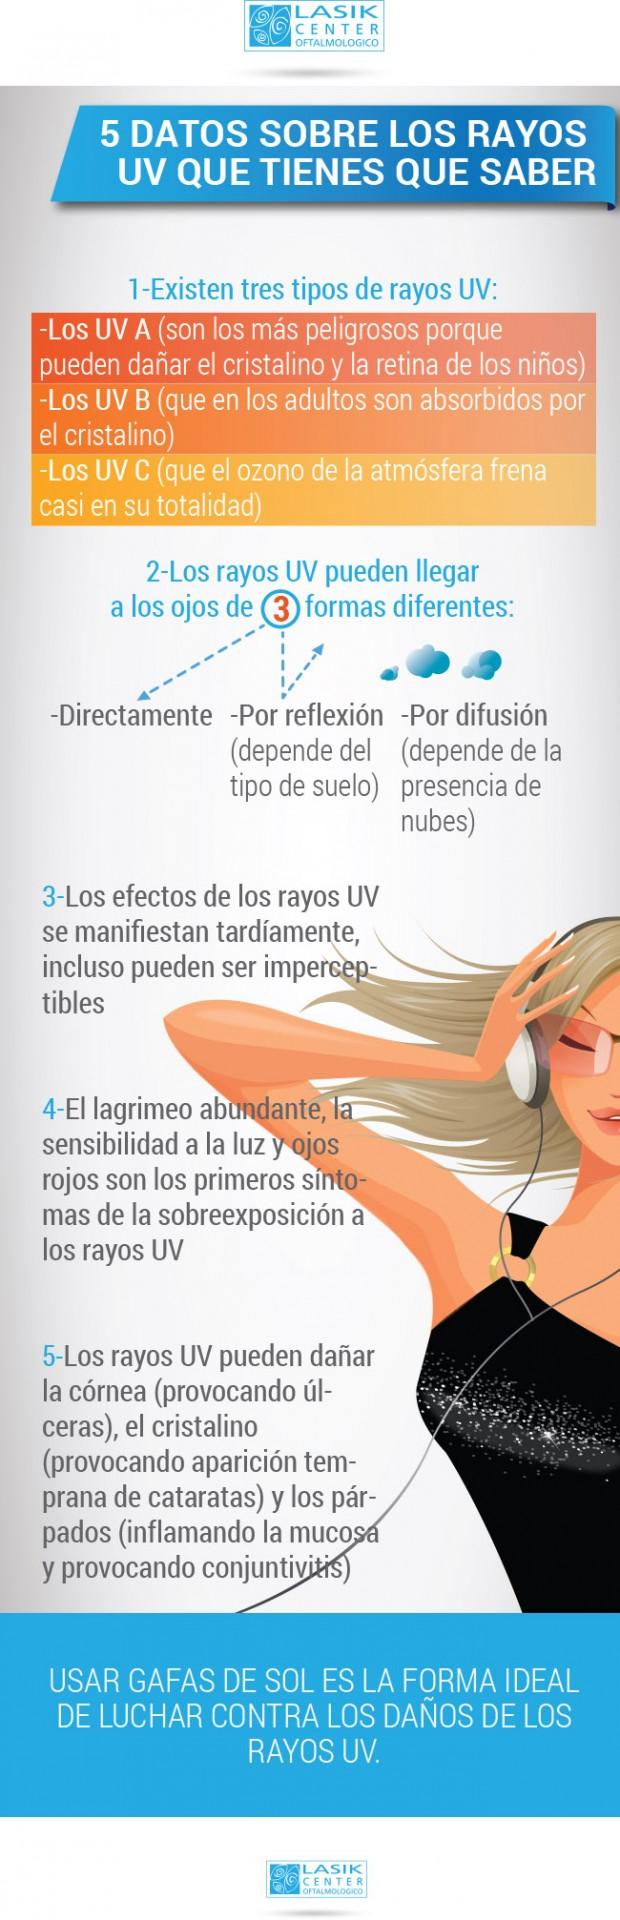 5 datos sobre los rayos UV que tienes que saber